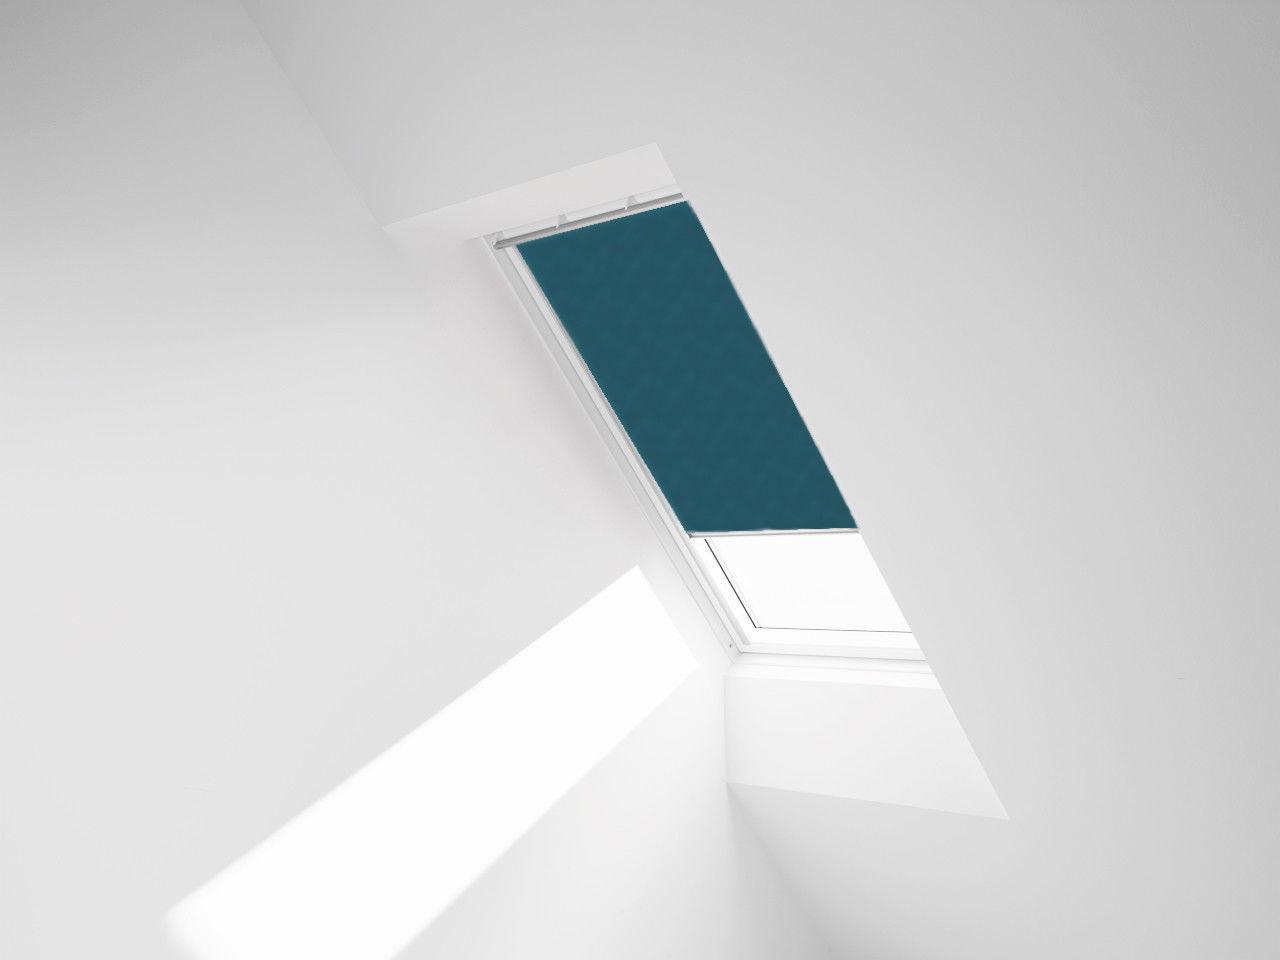 ROLETA ZACIEMNIAJĄCA ROOFART DUR - kolor 4232 (turkusowy) - 66x118 F6A